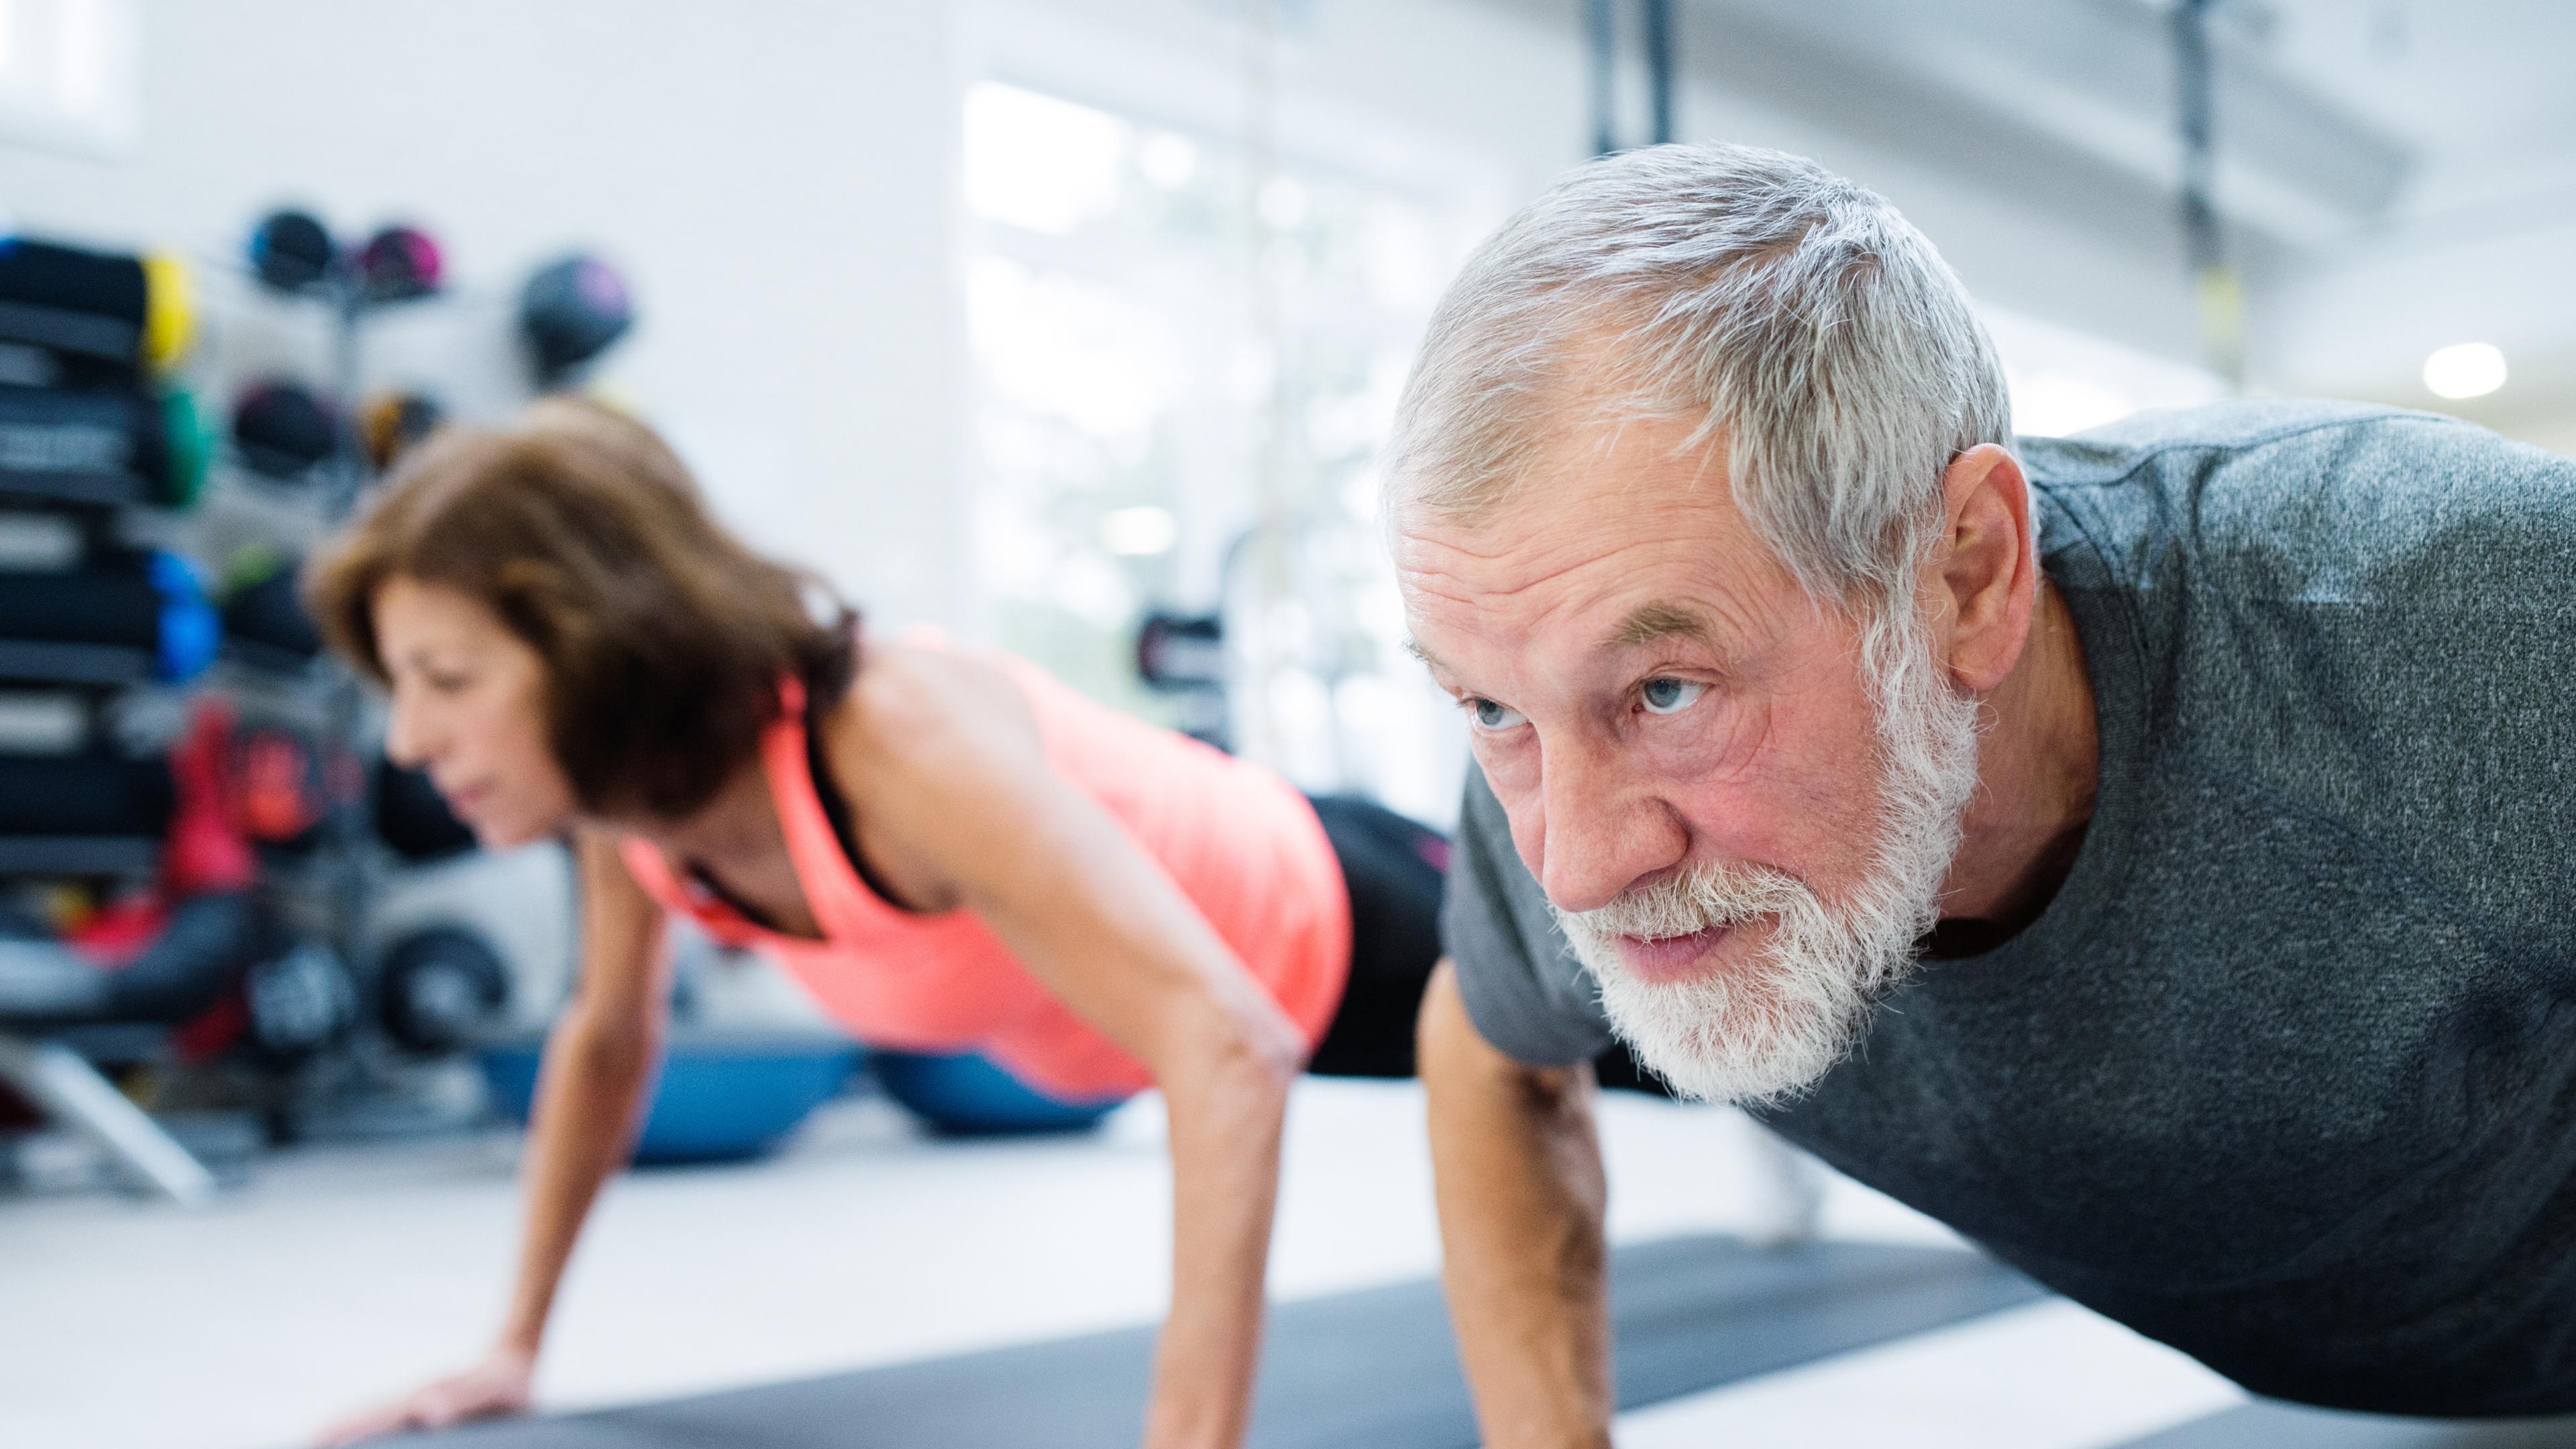 Физическая активность помогла сохранить ясный ум при нейродегенеративных заболеваниях